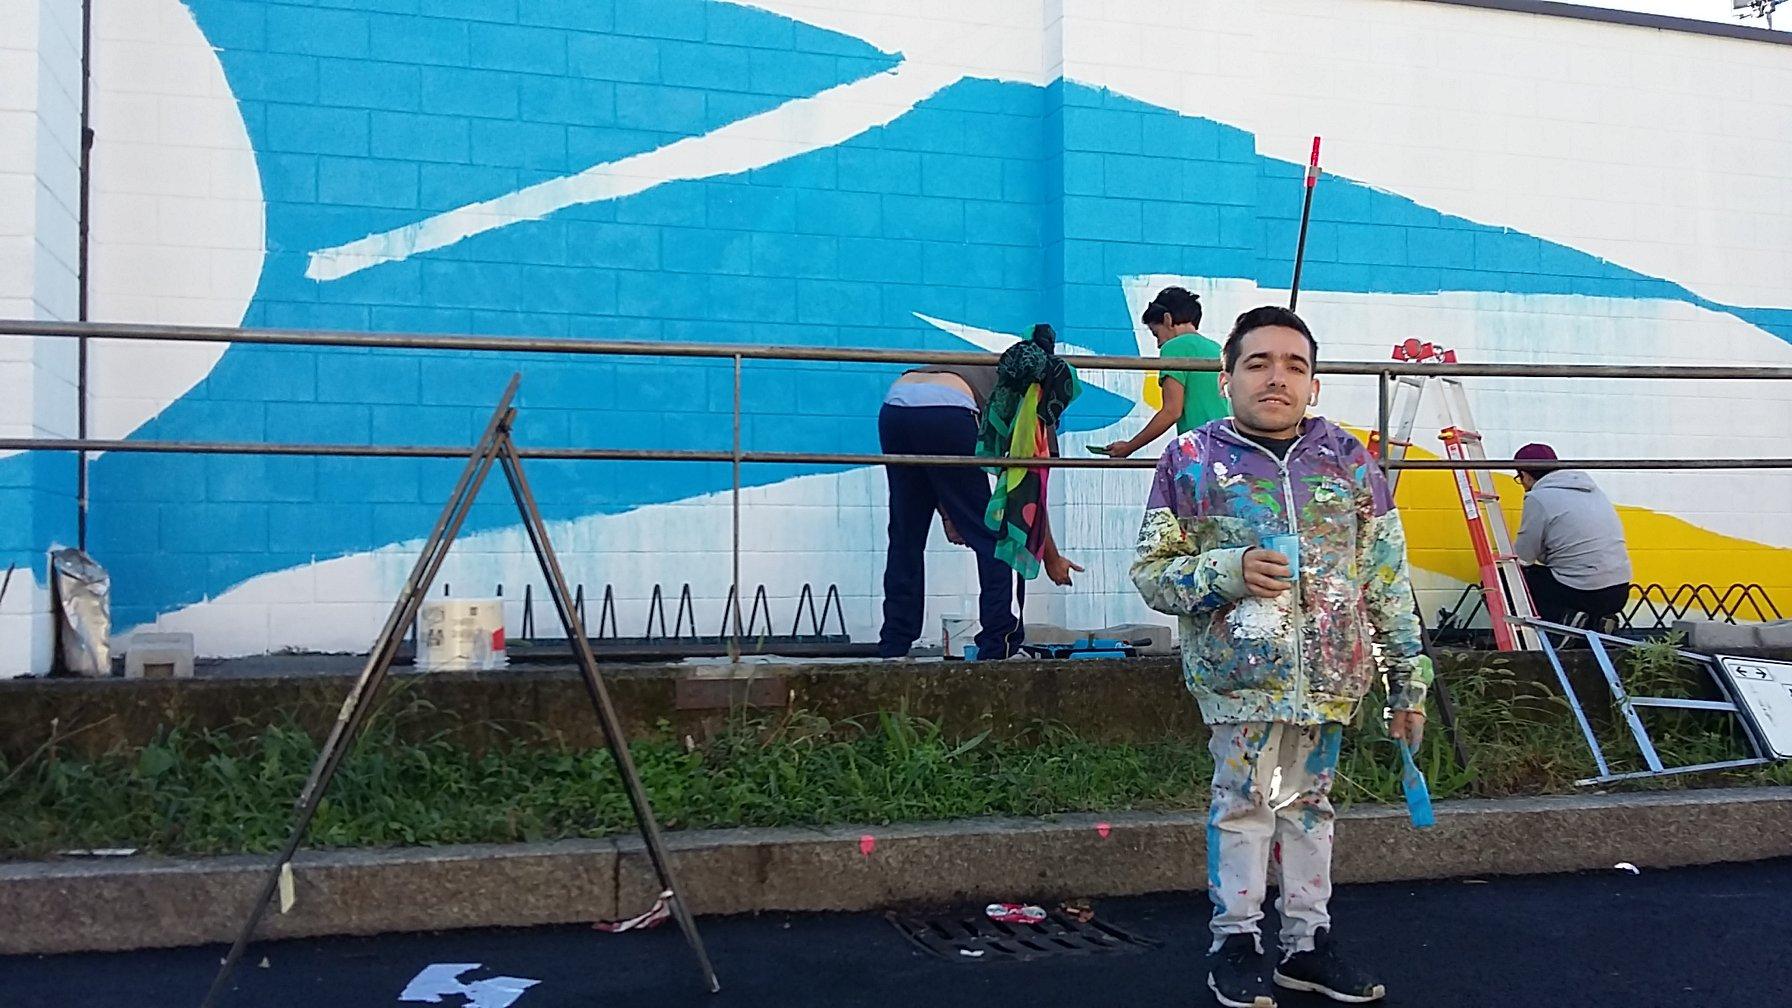 Il writer elian al lavoro sulla facciata della piscina - Piscina di bresso ...